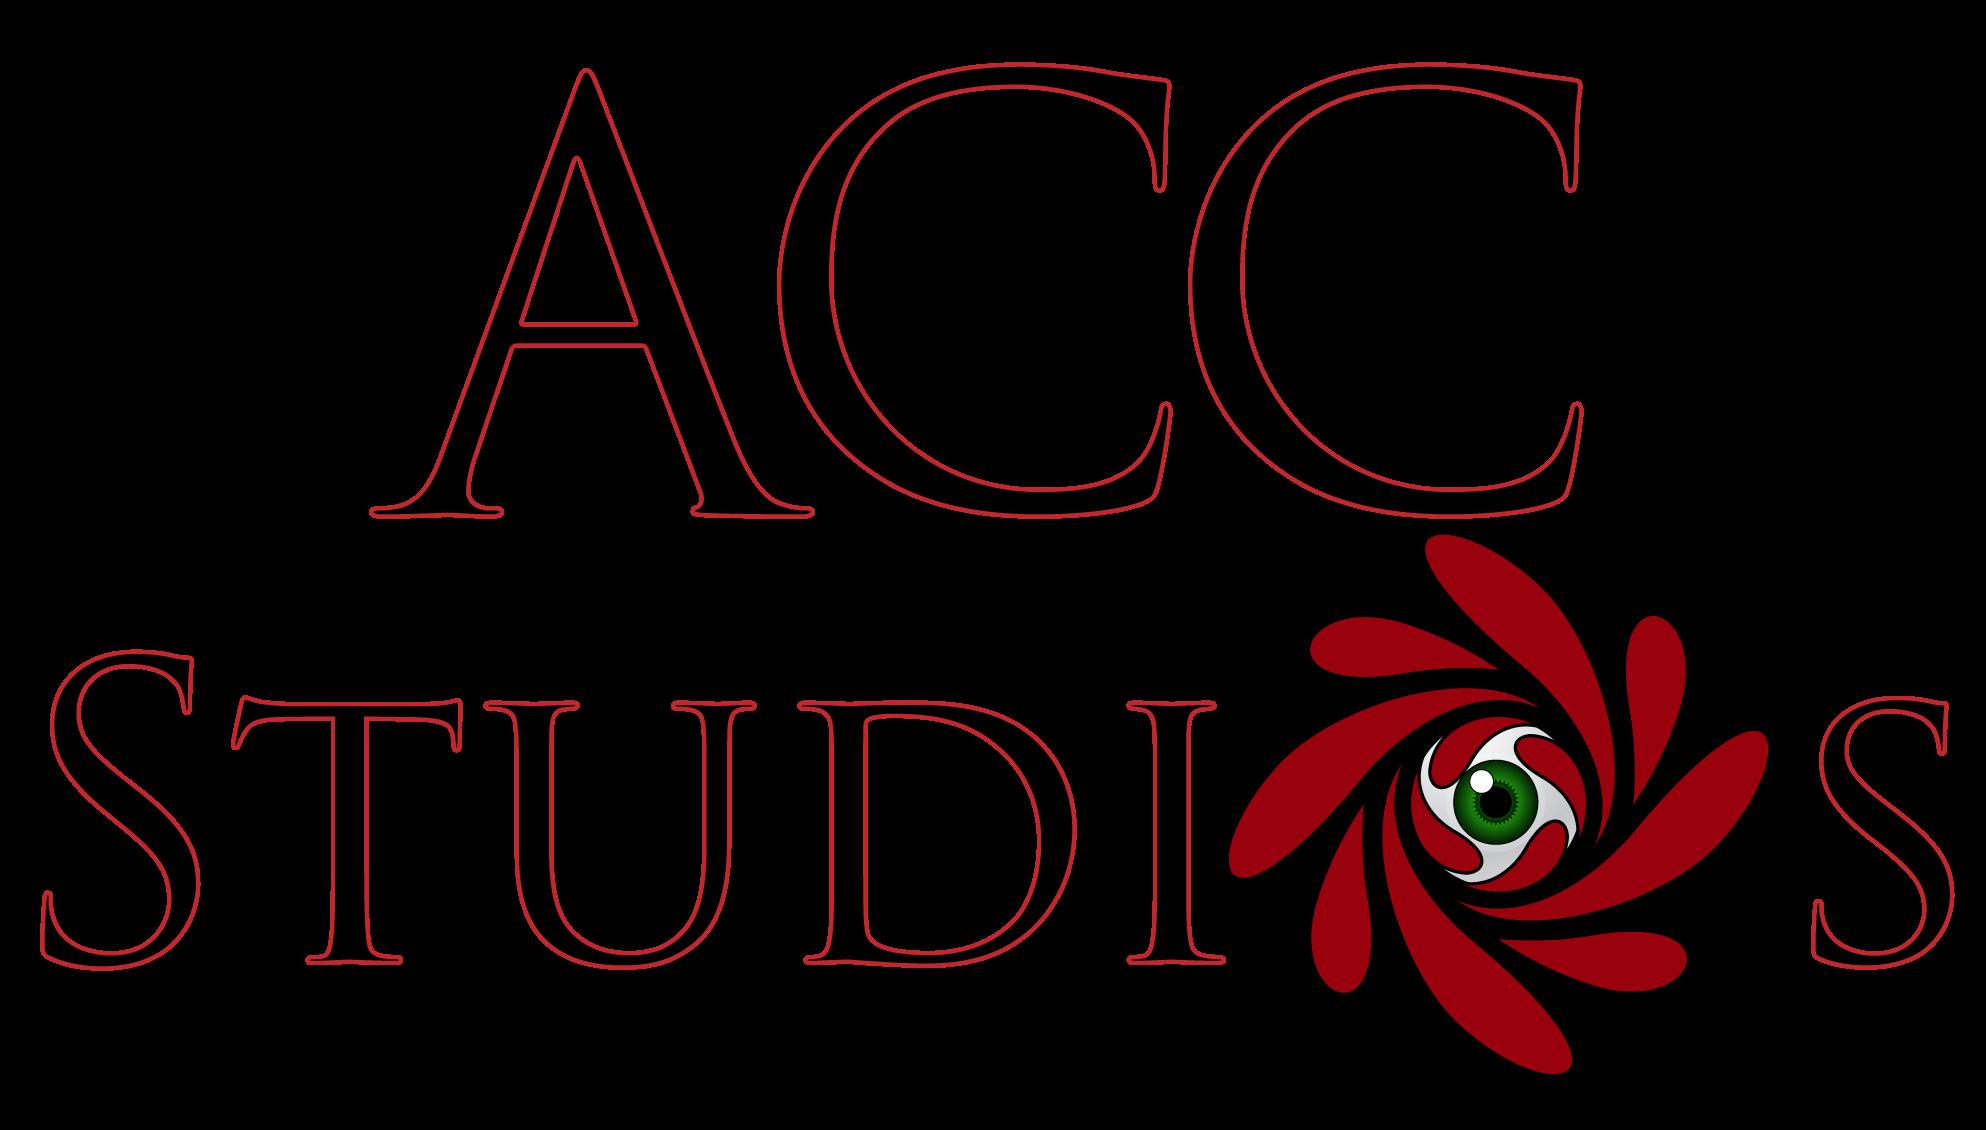 ACC Studios